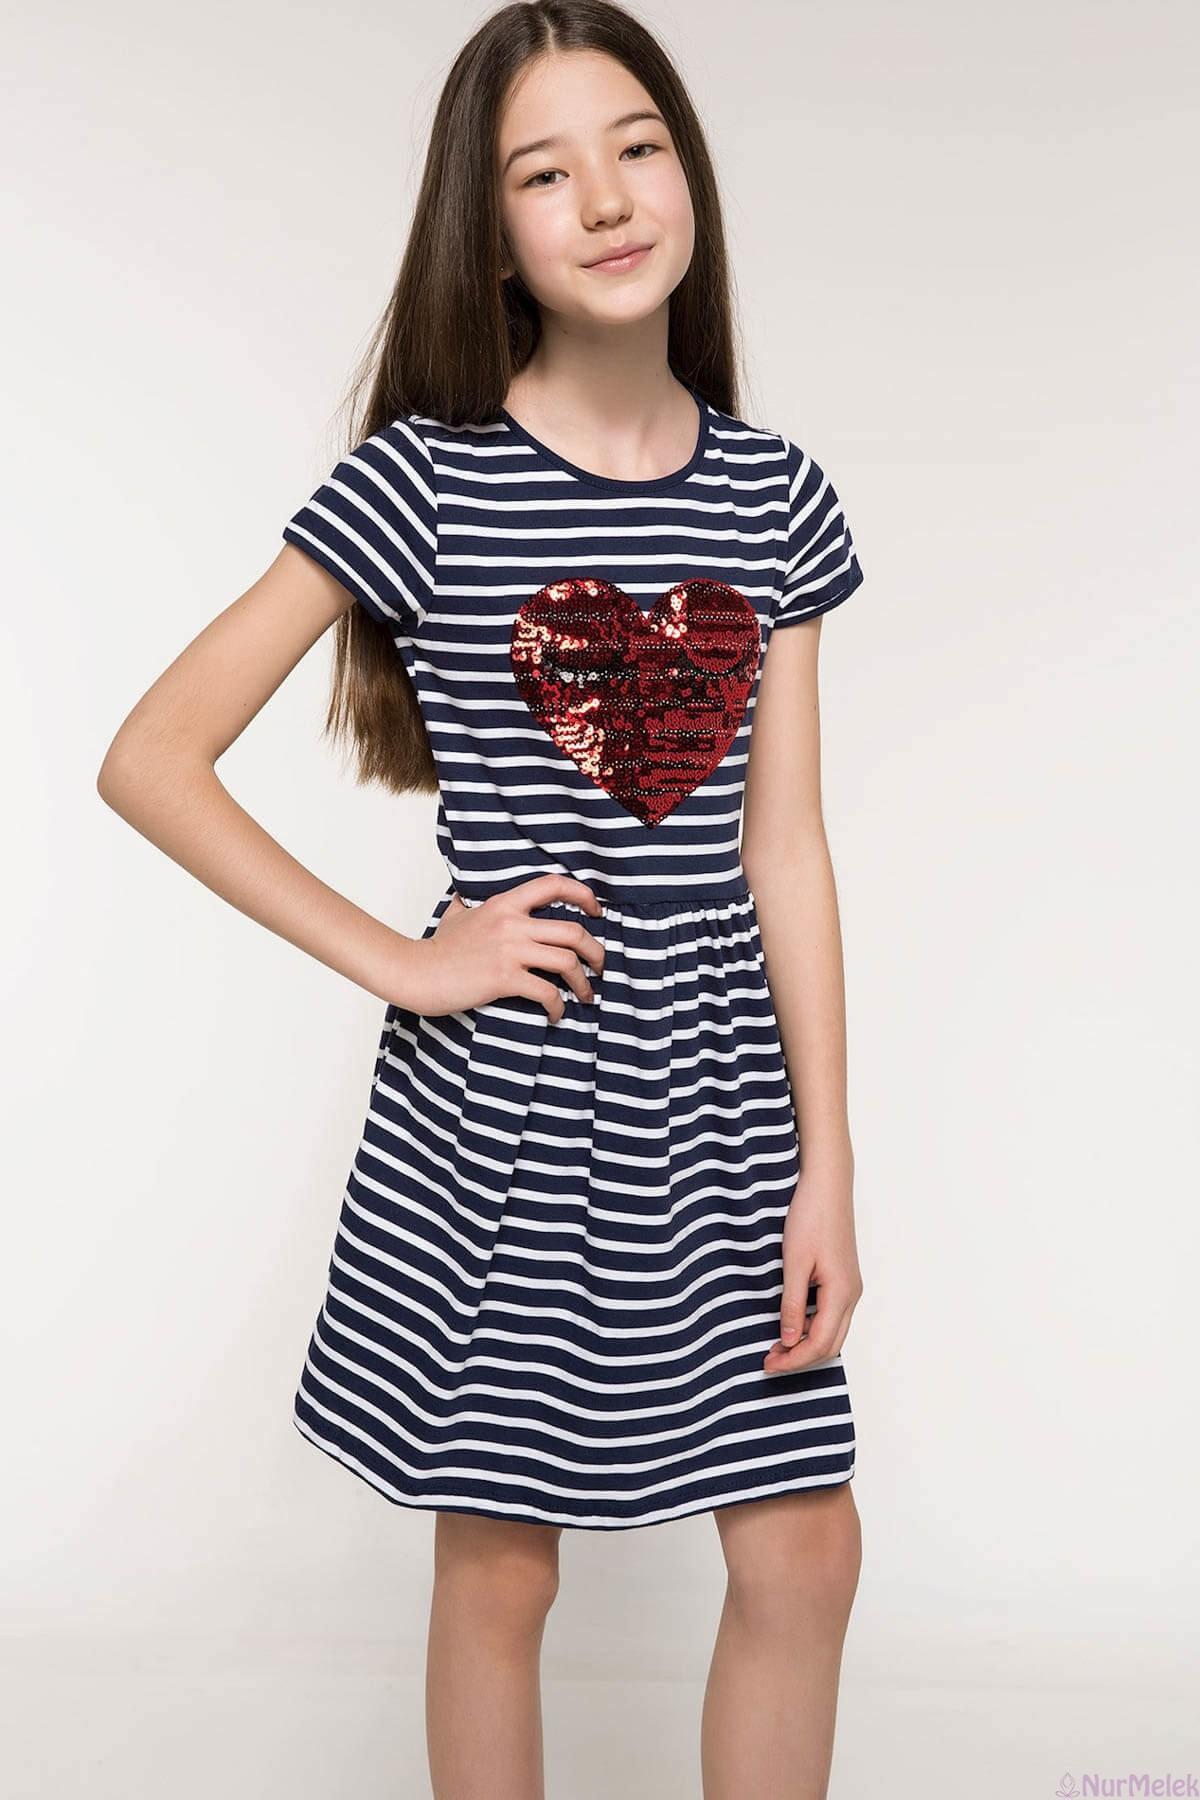 12-13-14-15 yaş kız çocuk elbisesi-4